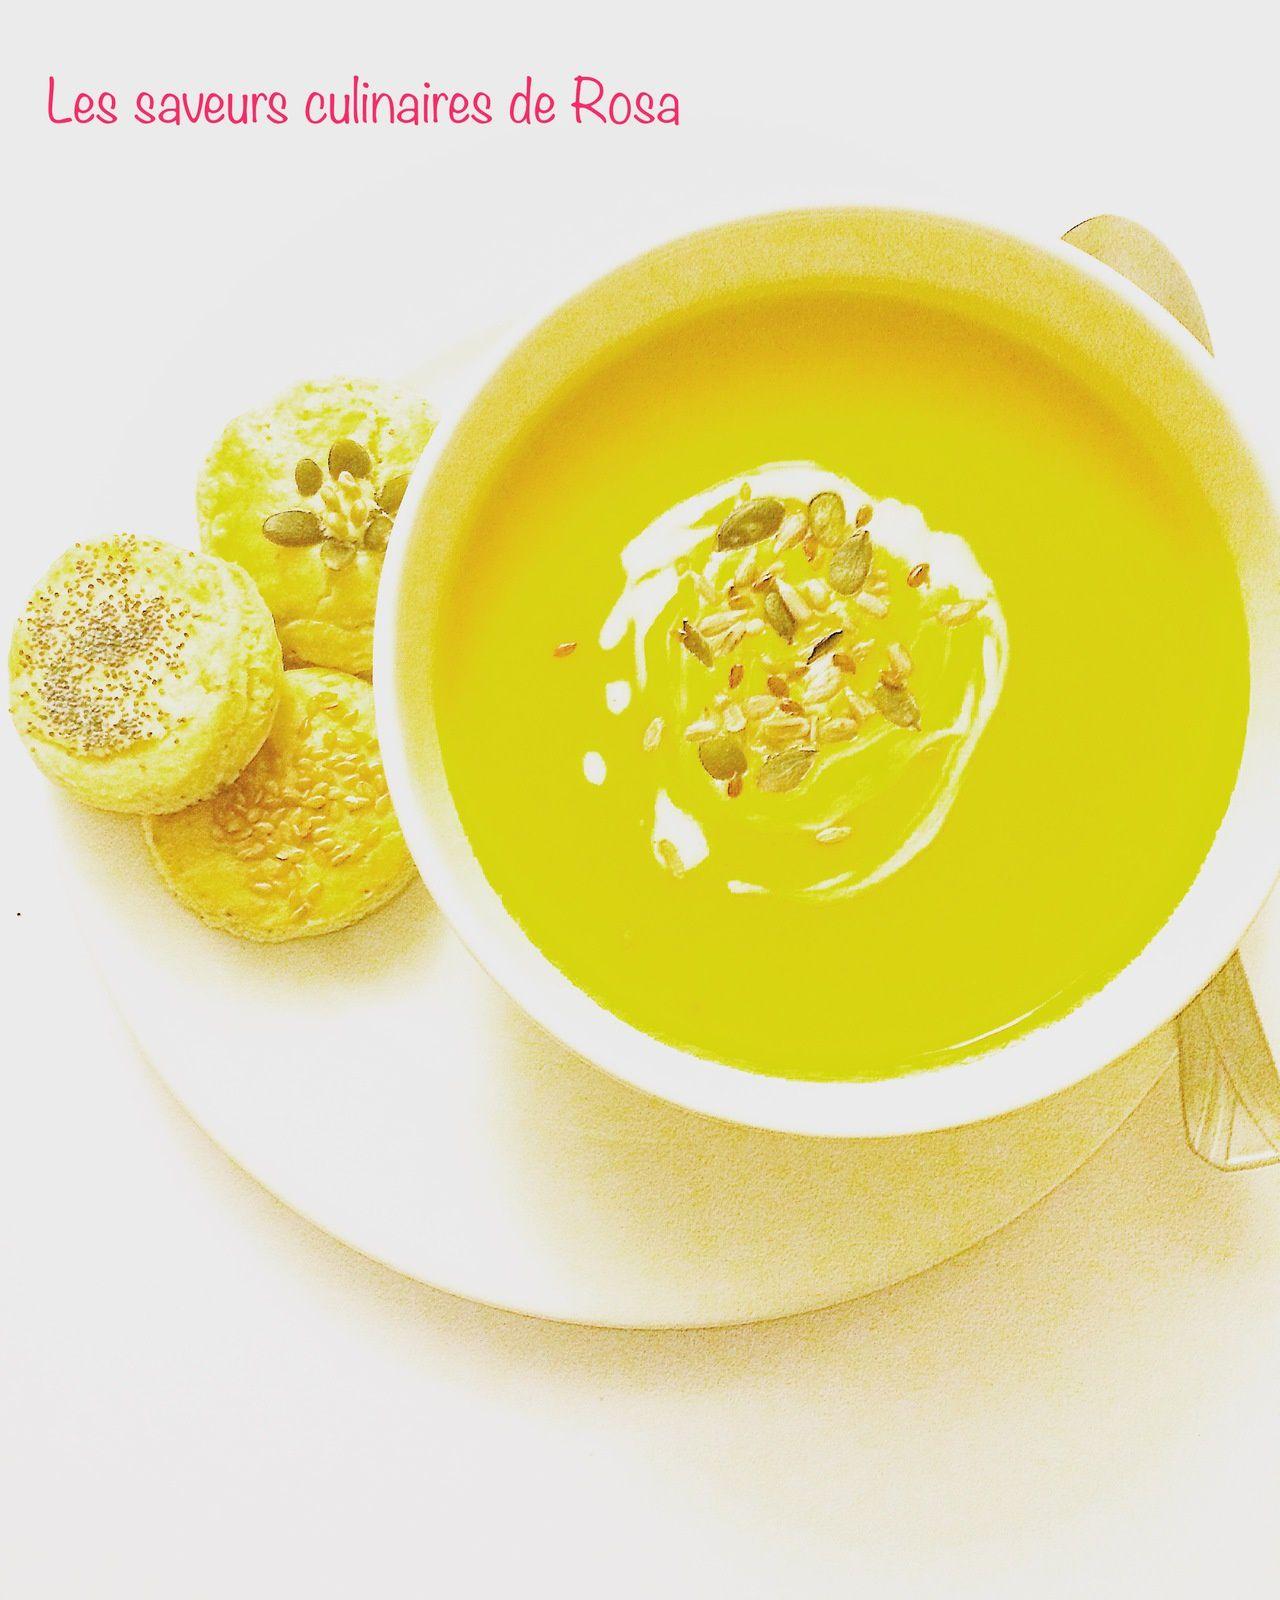 Soupe potimaron-patate douce au curry et lait de coco _ Bataille food #49